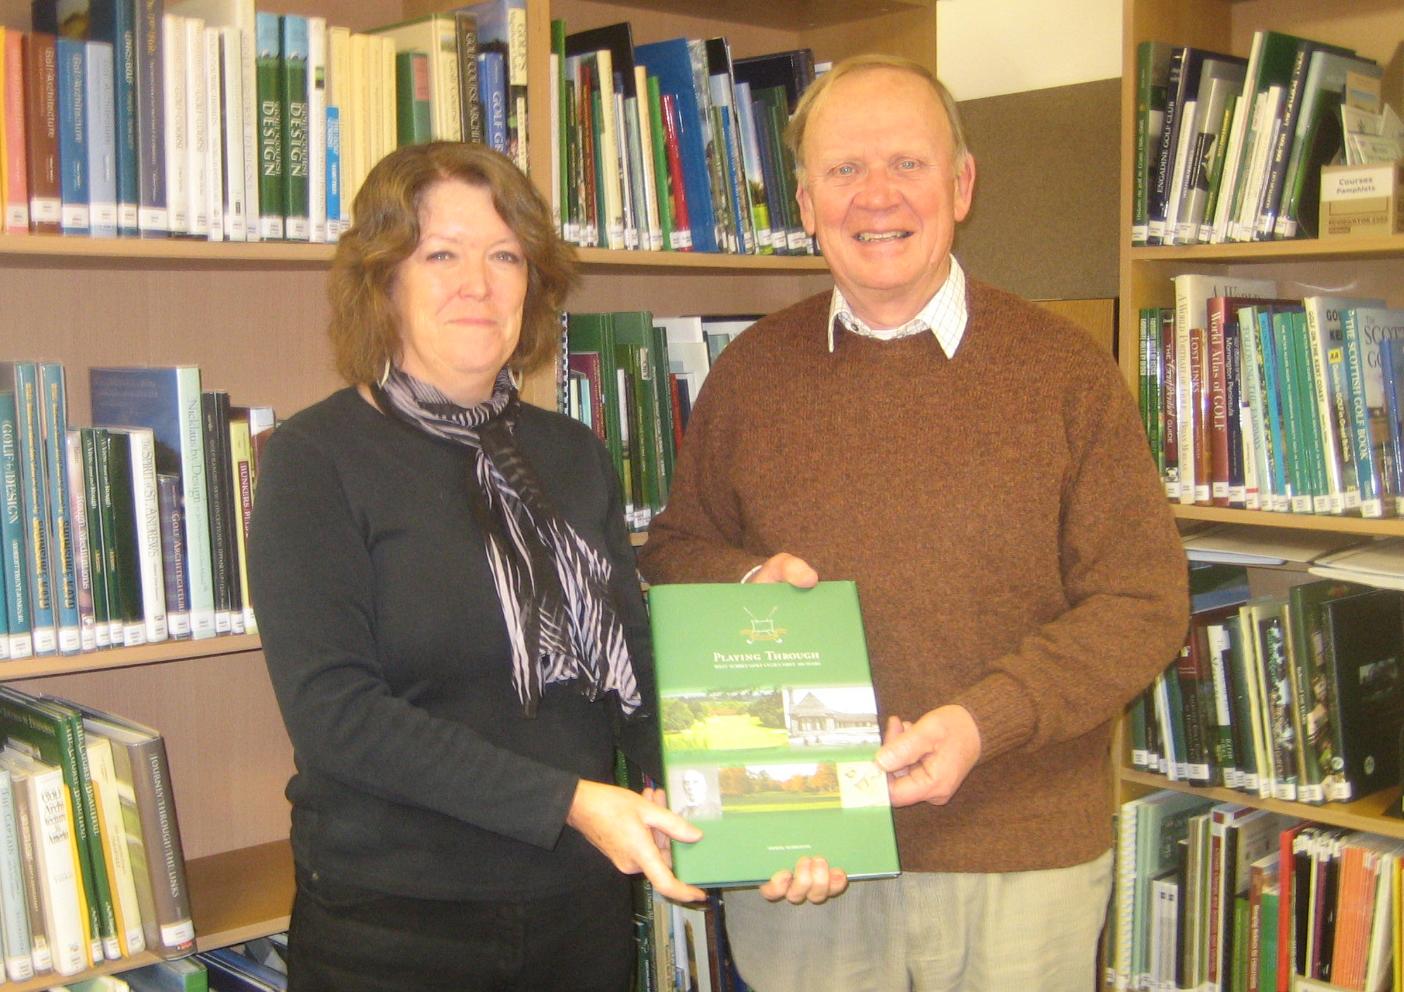 Sue Stranger and Derek Markham